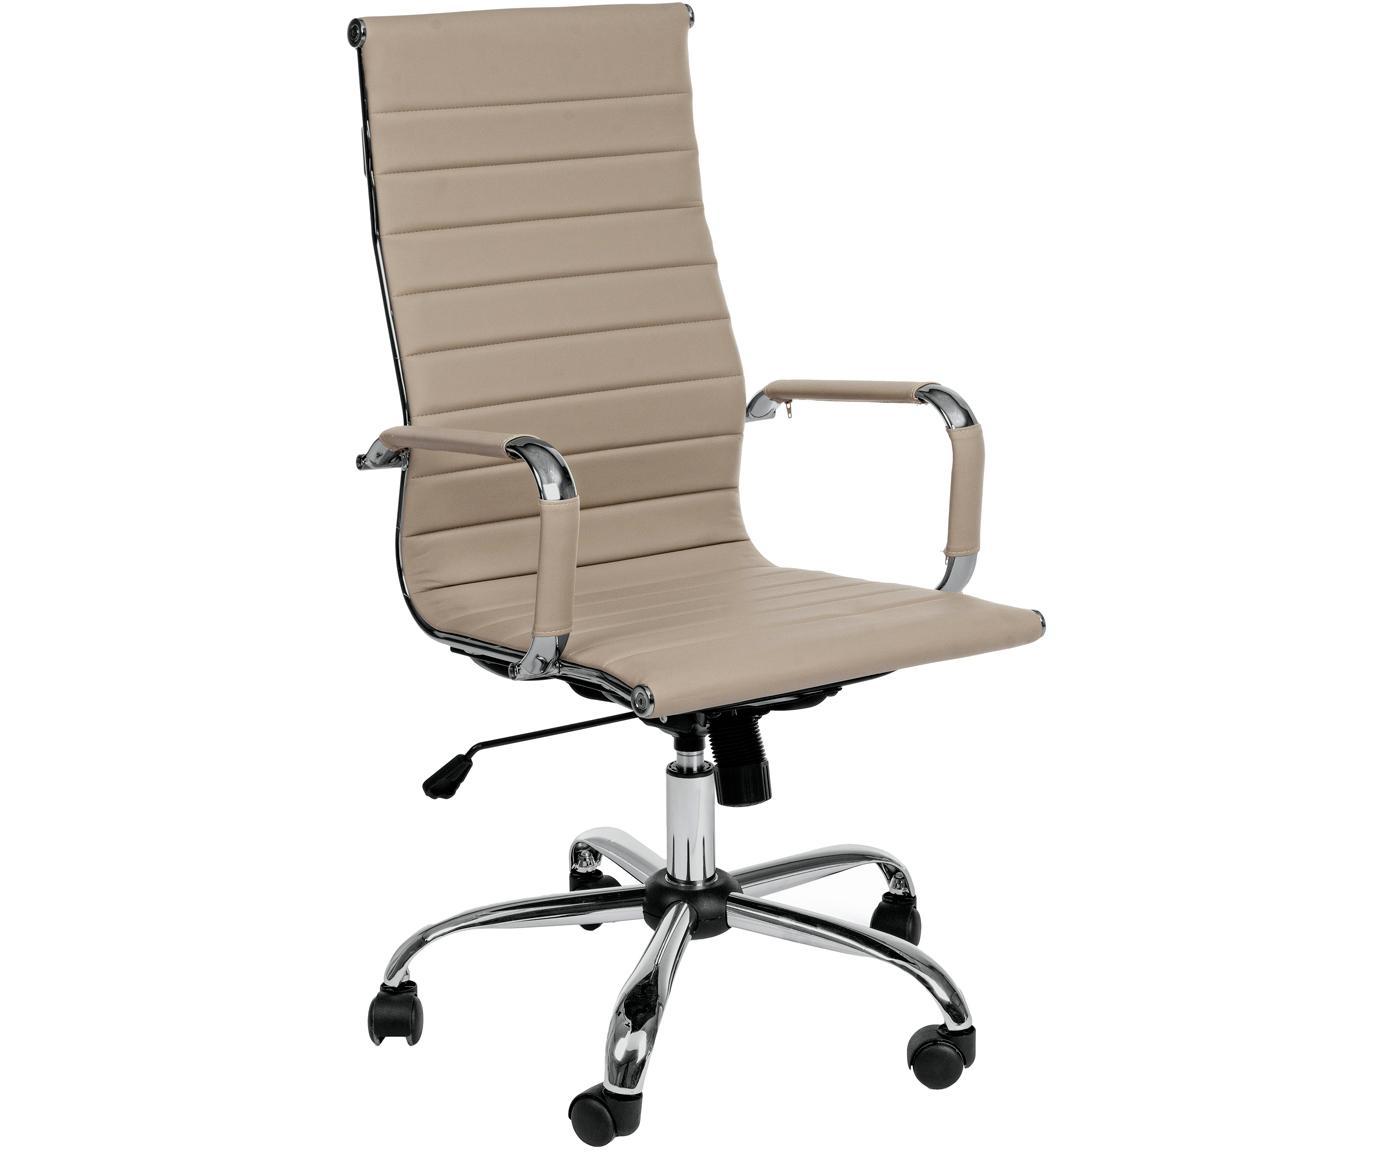 Biurowe krzesło obrotowe ze sztucznej skóry Praga, Stelaż: metal chromowany, Tapicerka: sztuczna skóra (poliureta, Taupe, S 59 x W 110 cm